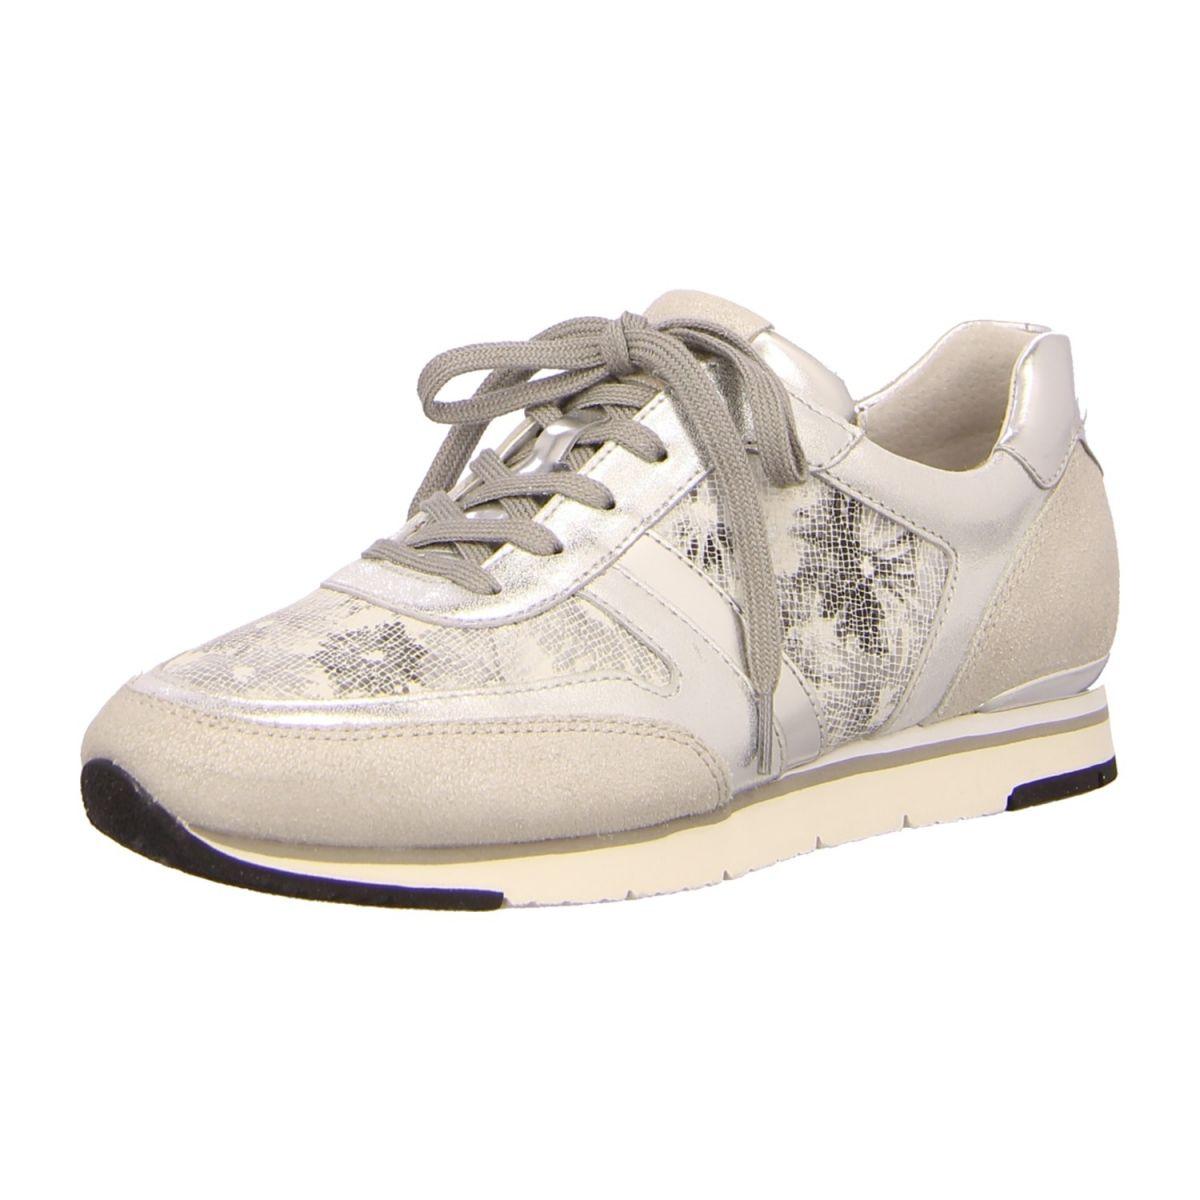 Gabor Schuhe günstig online kaufen   Schuhe24